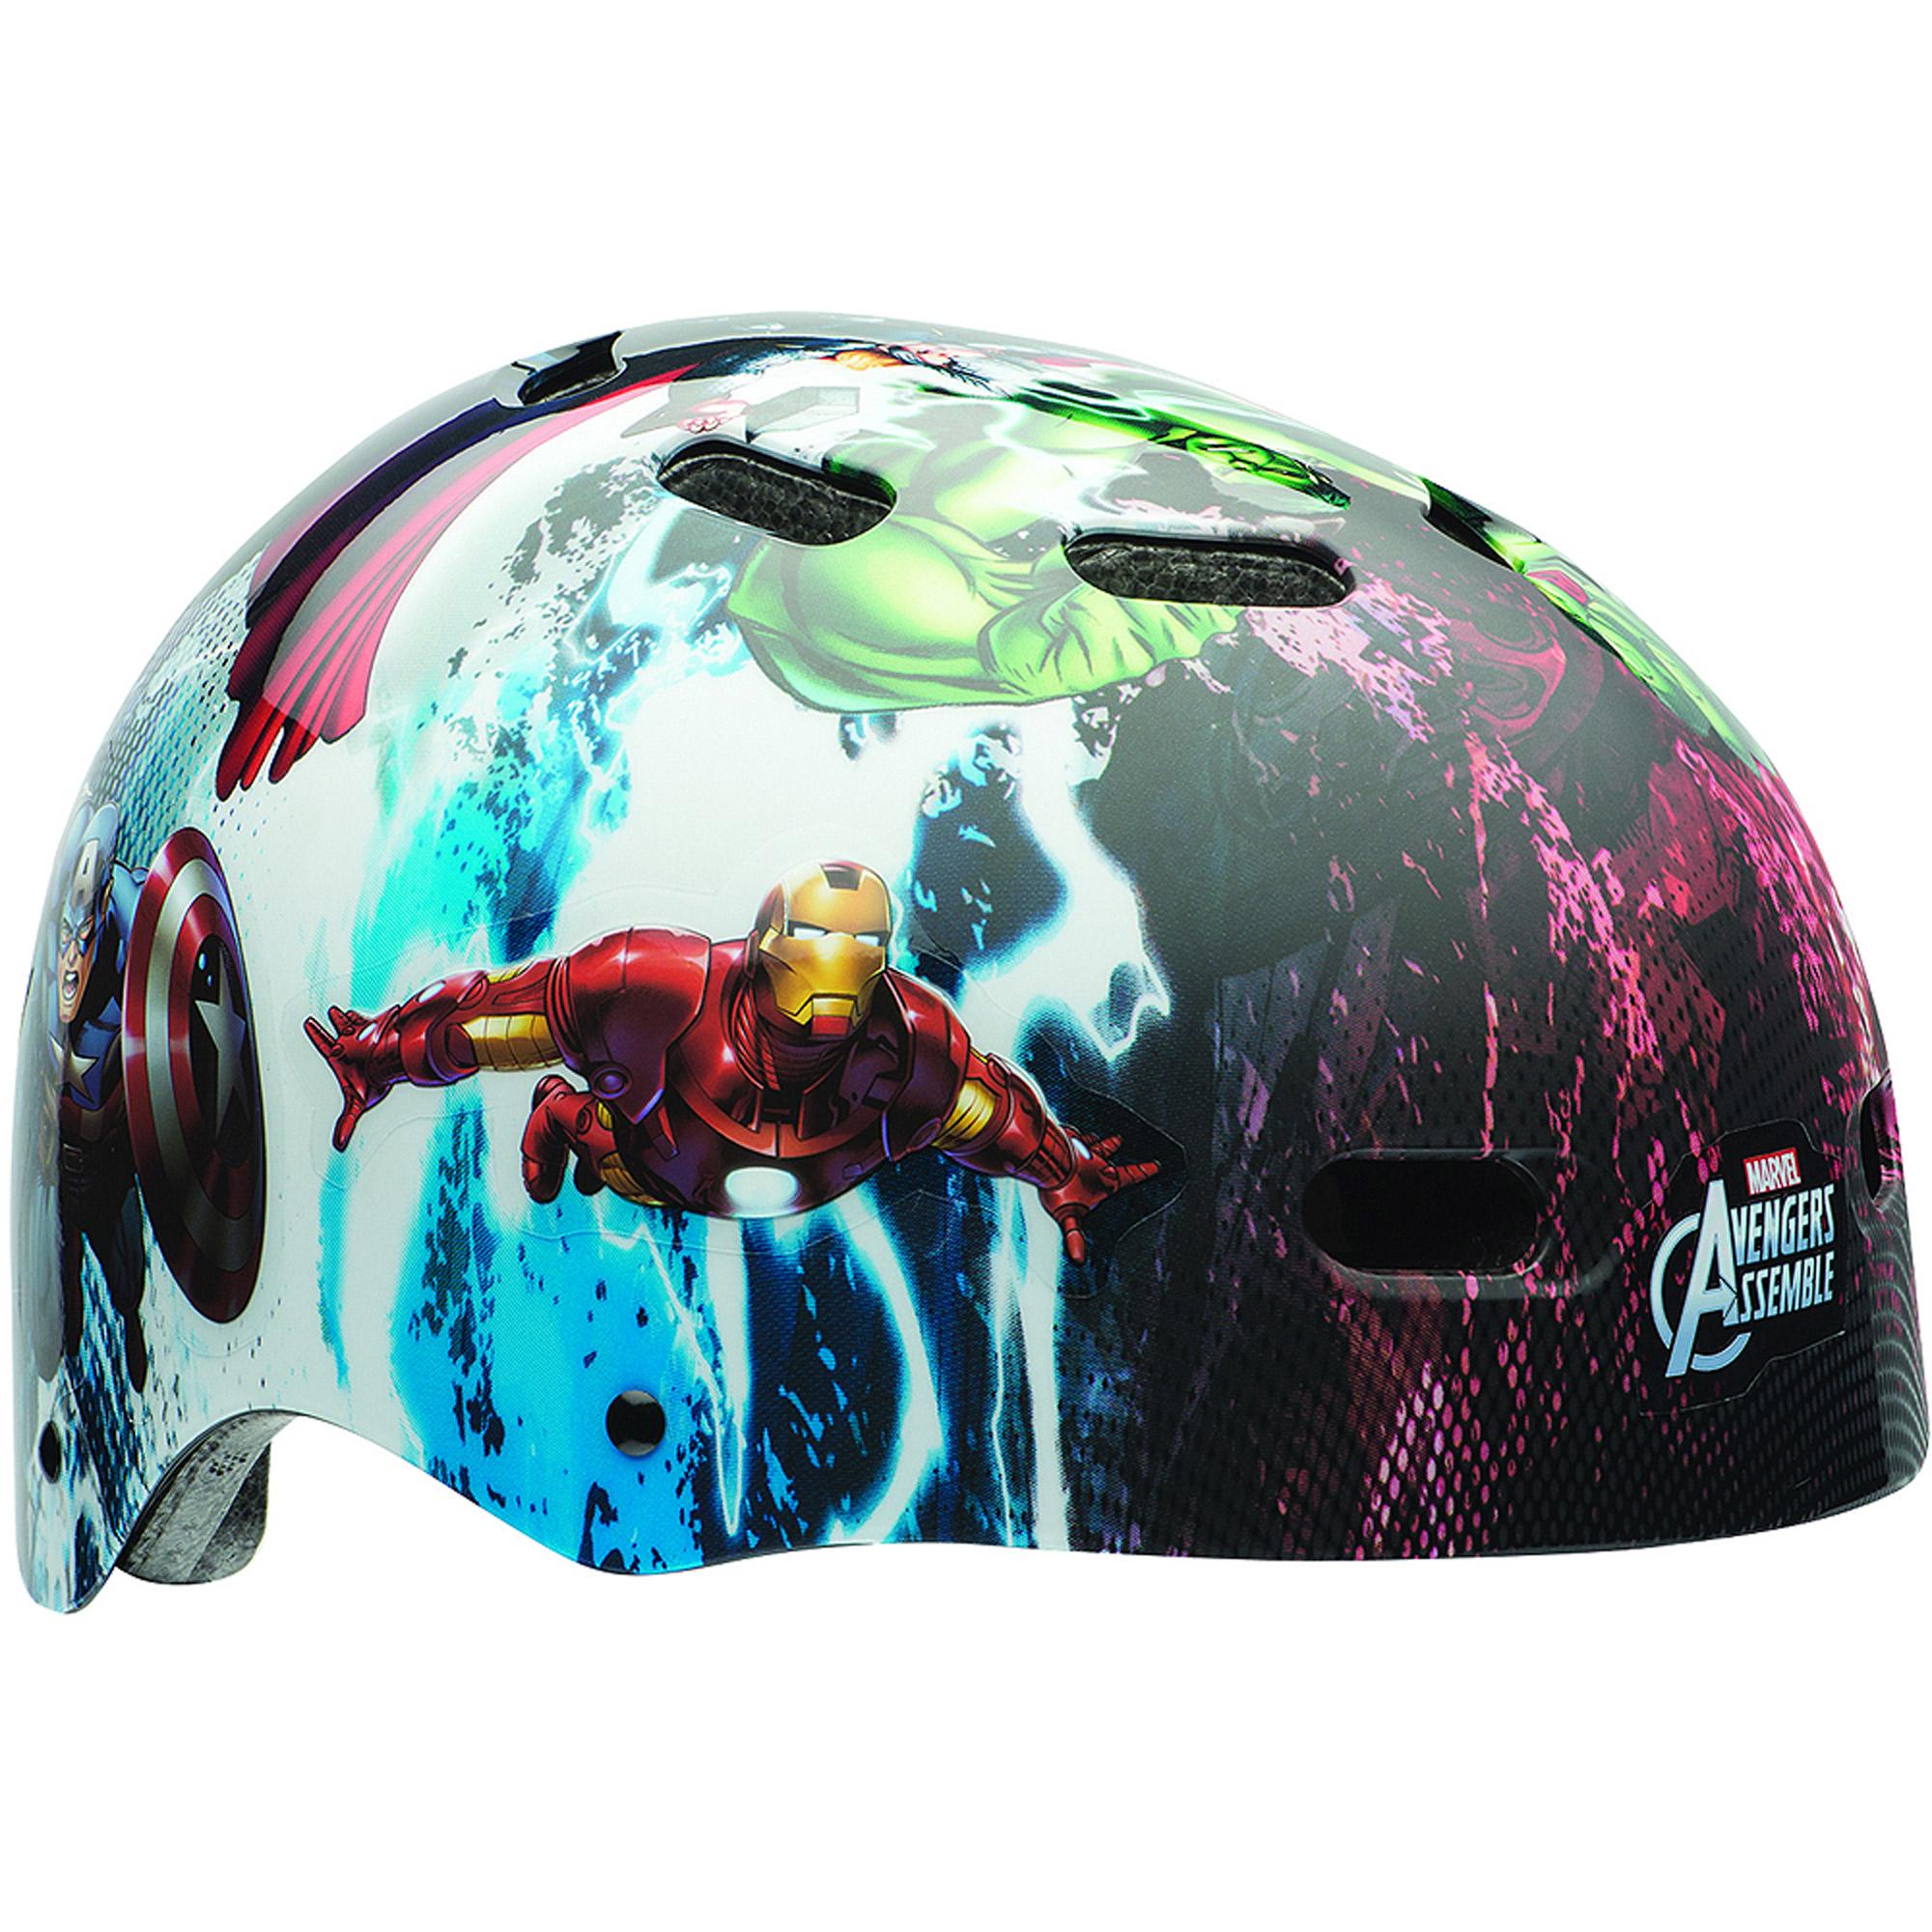 Bell Sports 7062562 Marvel Avengers Superheroes Child Helmet